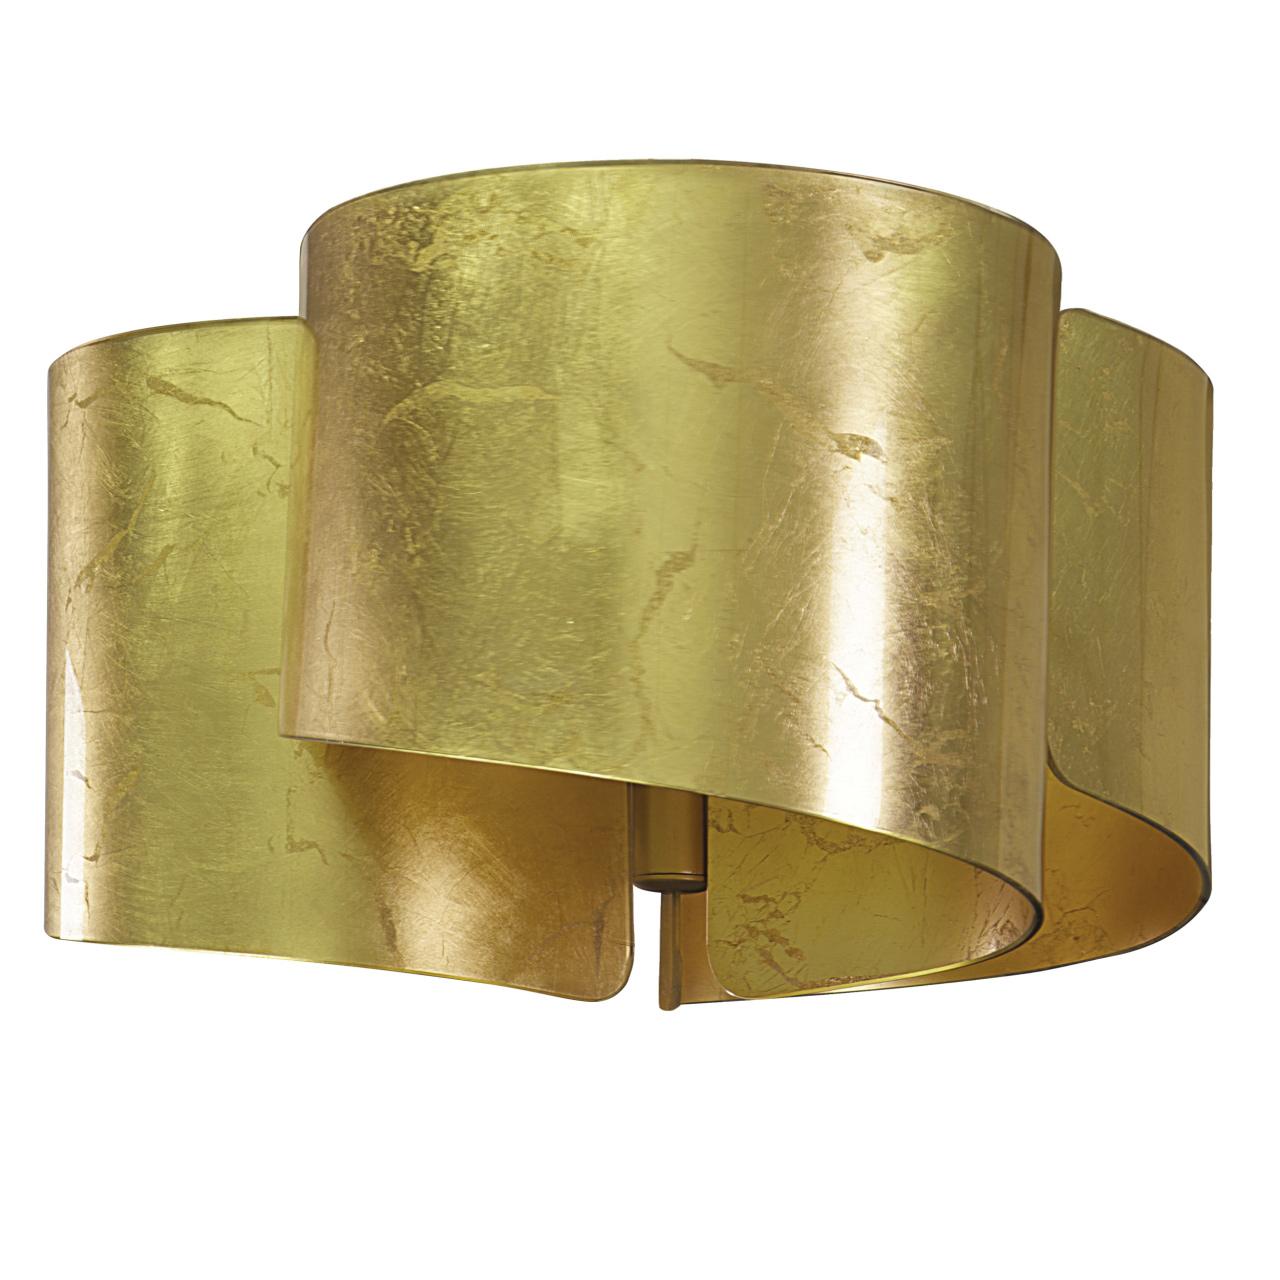 Люстра потолочная Pittore 3х40W E27 golden Lightstar 811032